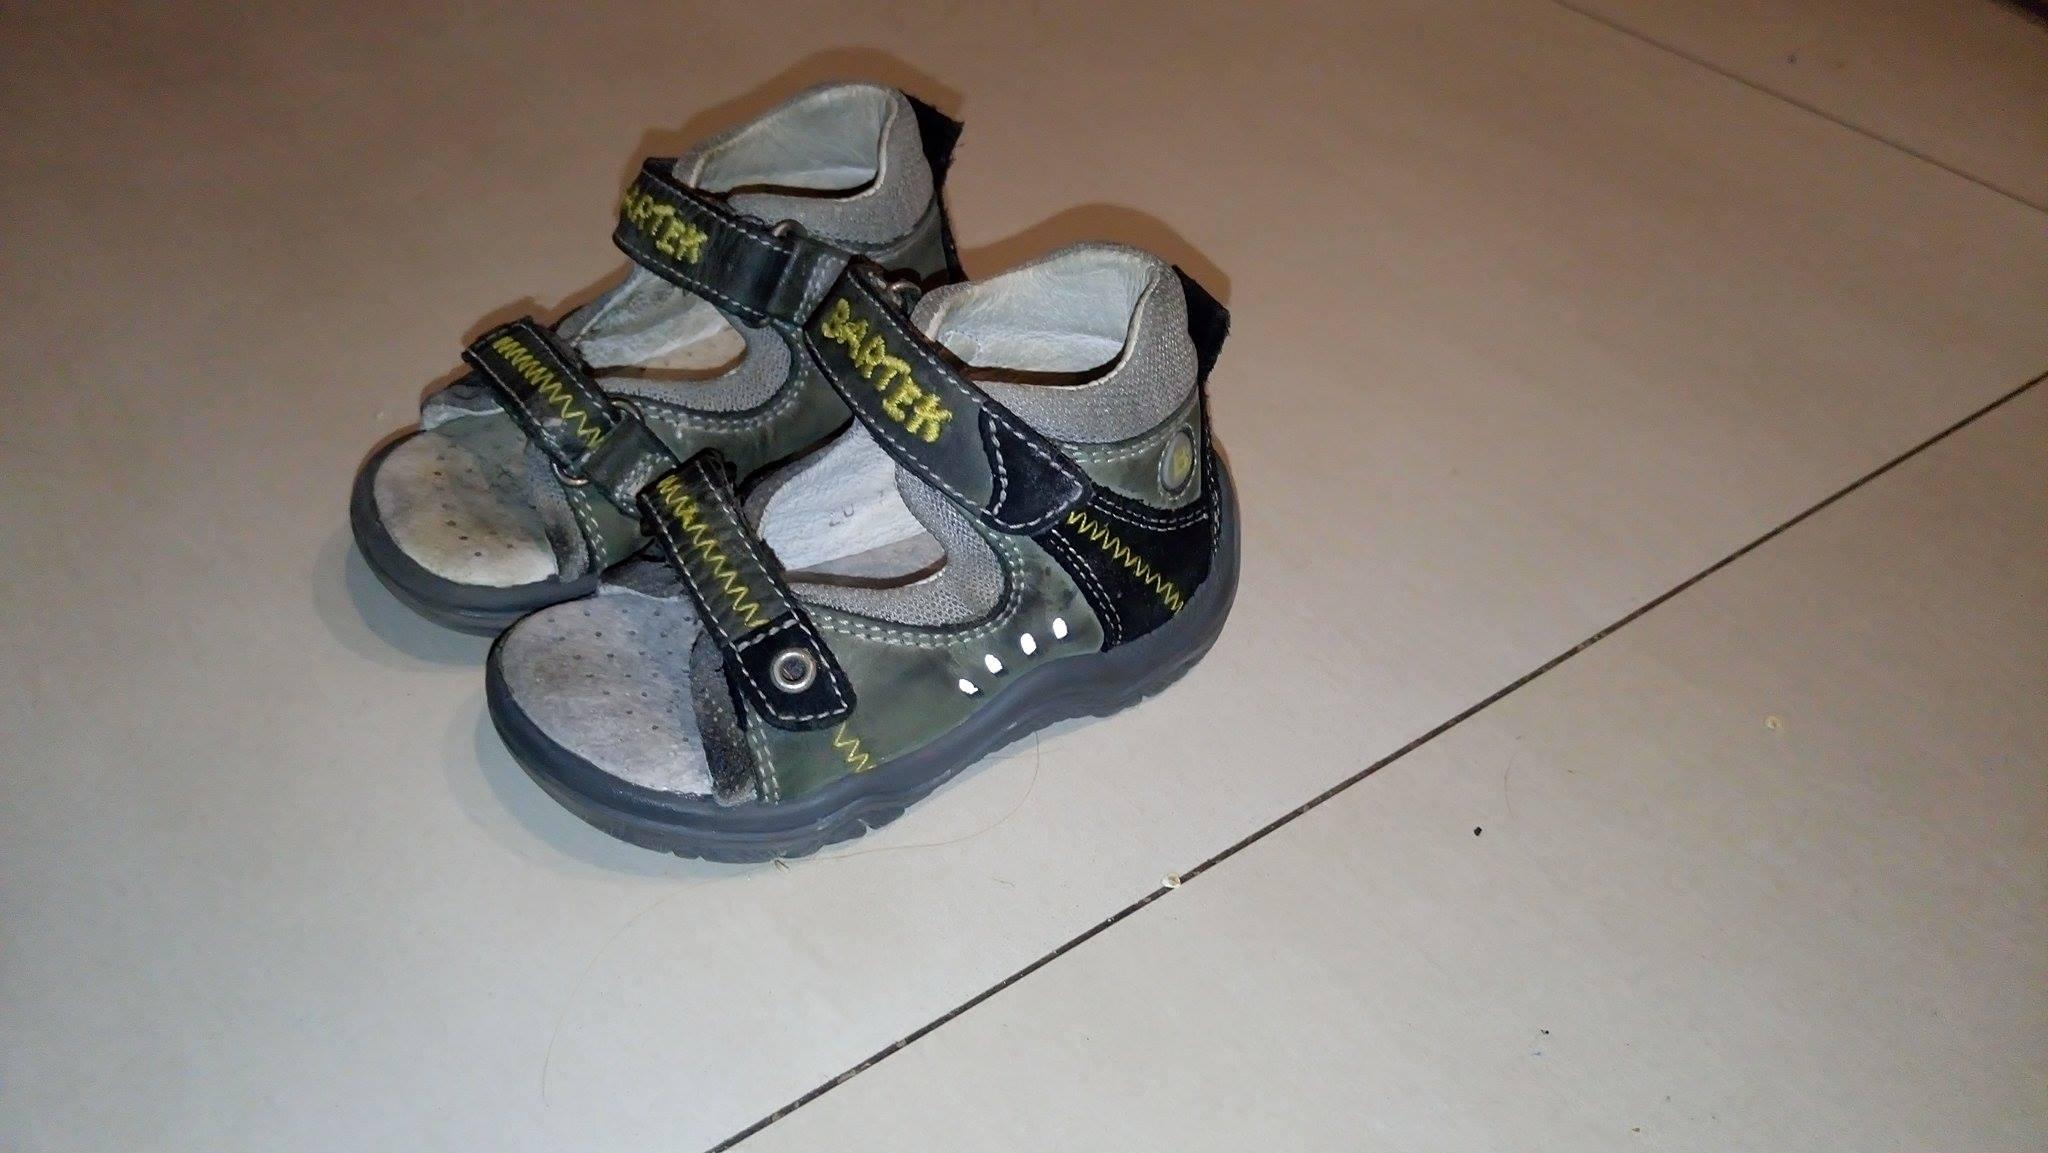 Sandałki Bartek rozm. 20 dla chłopca szare 13cm 7361416635